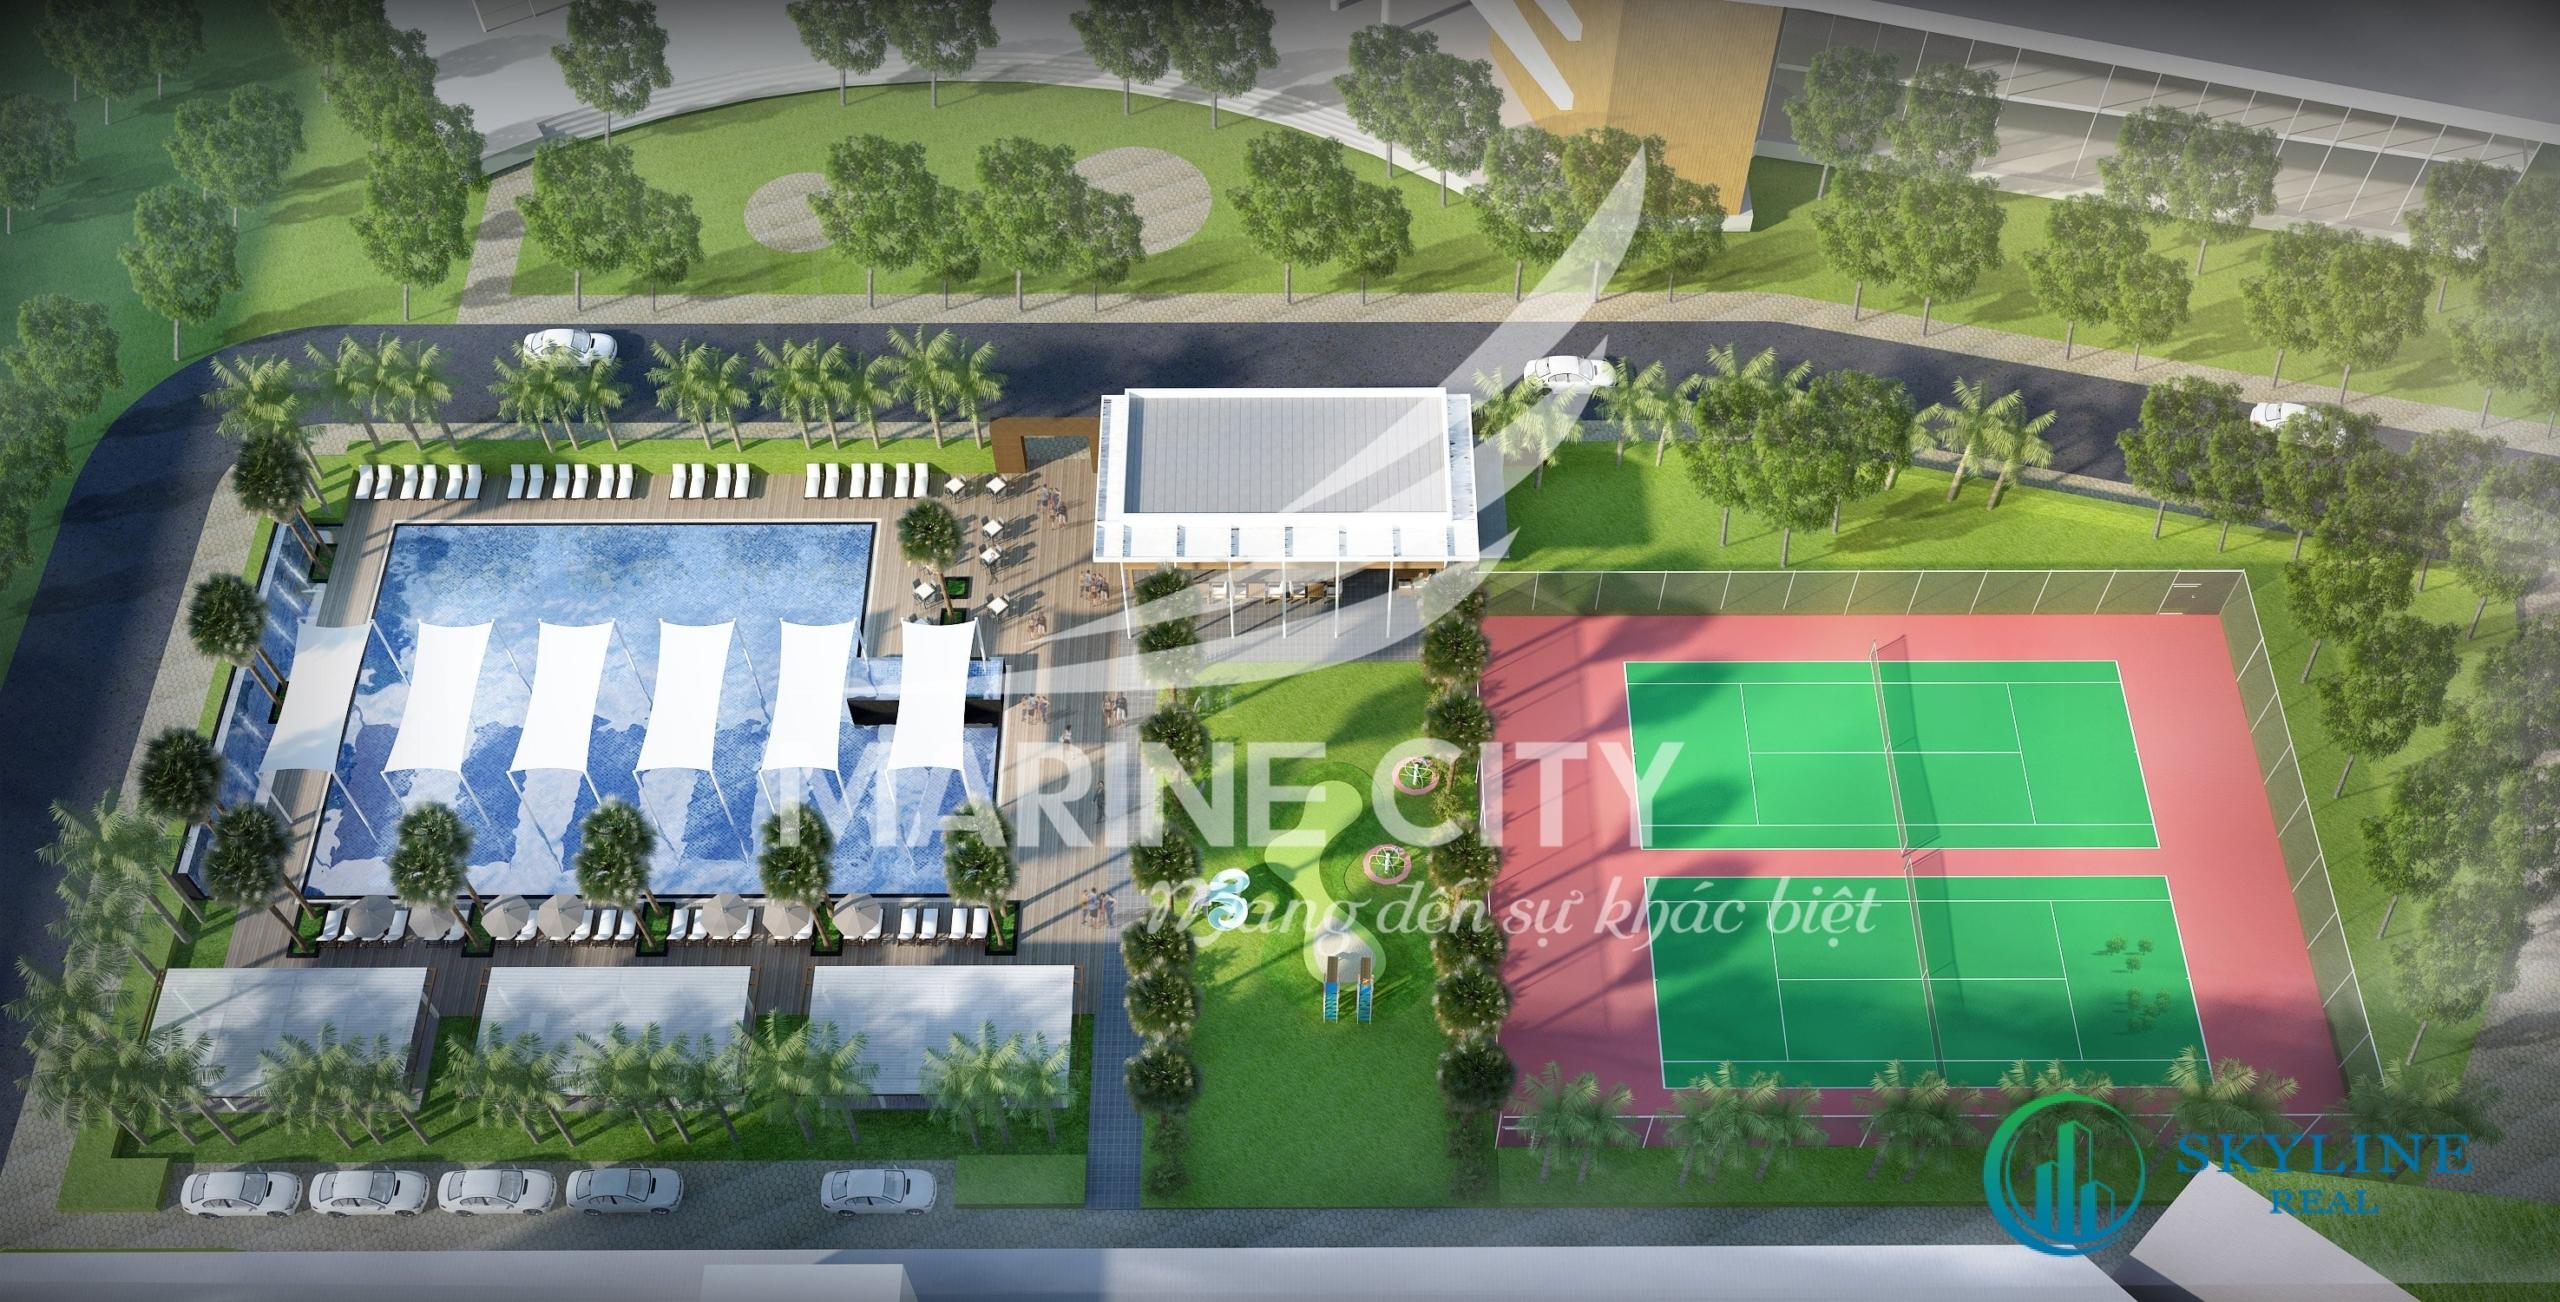 Tiện ích nội khu dự án Marine City Bà Rịa - Vũng Tàu